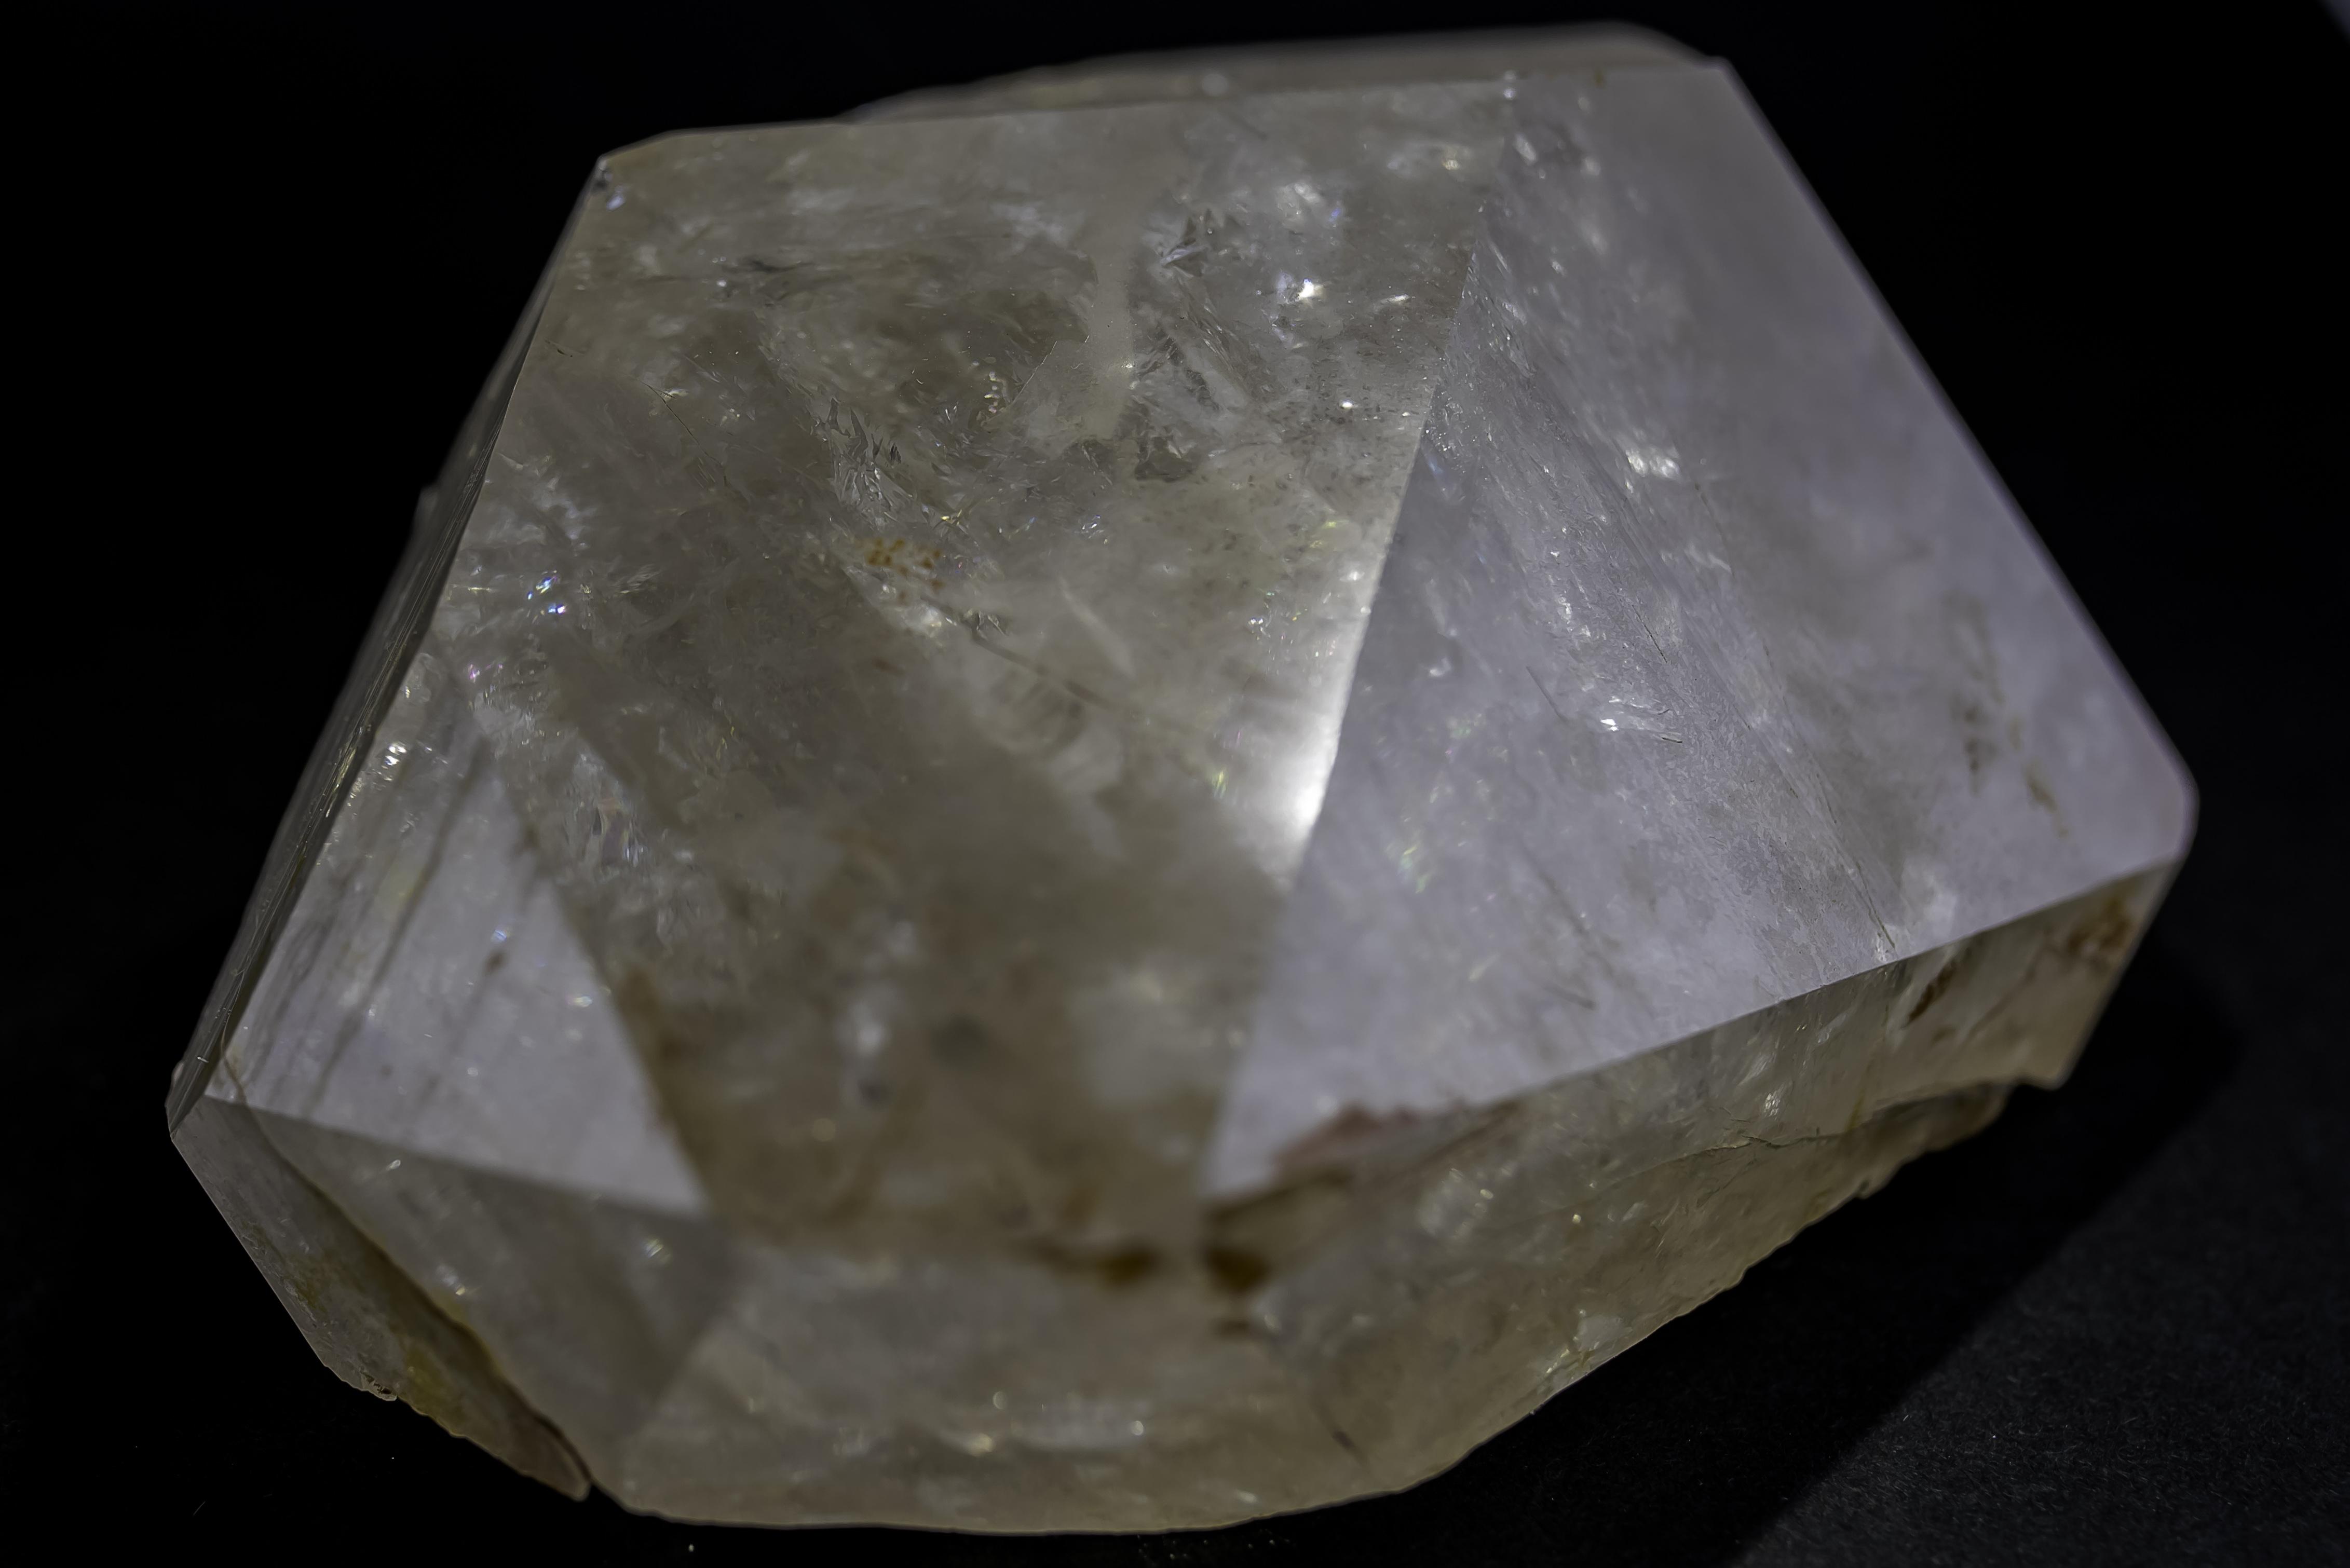 ヒマラヤ水晶 ベラダール産ポイント(インド) レインボー 格安